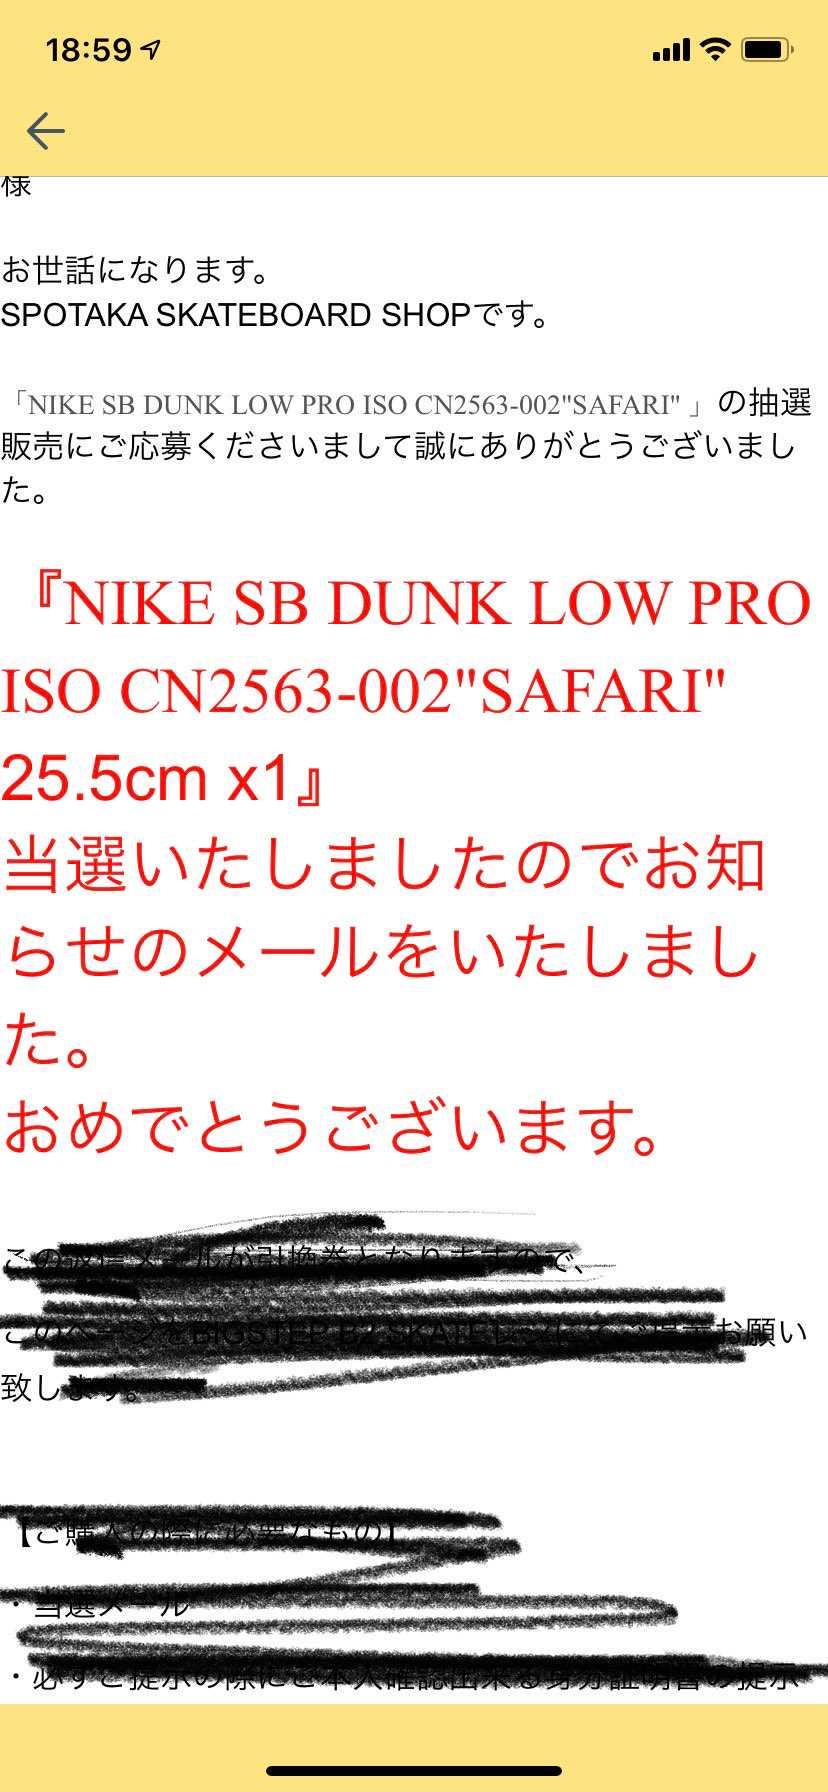 キター スポタカキター!! うし!#NIKE SB DUNK